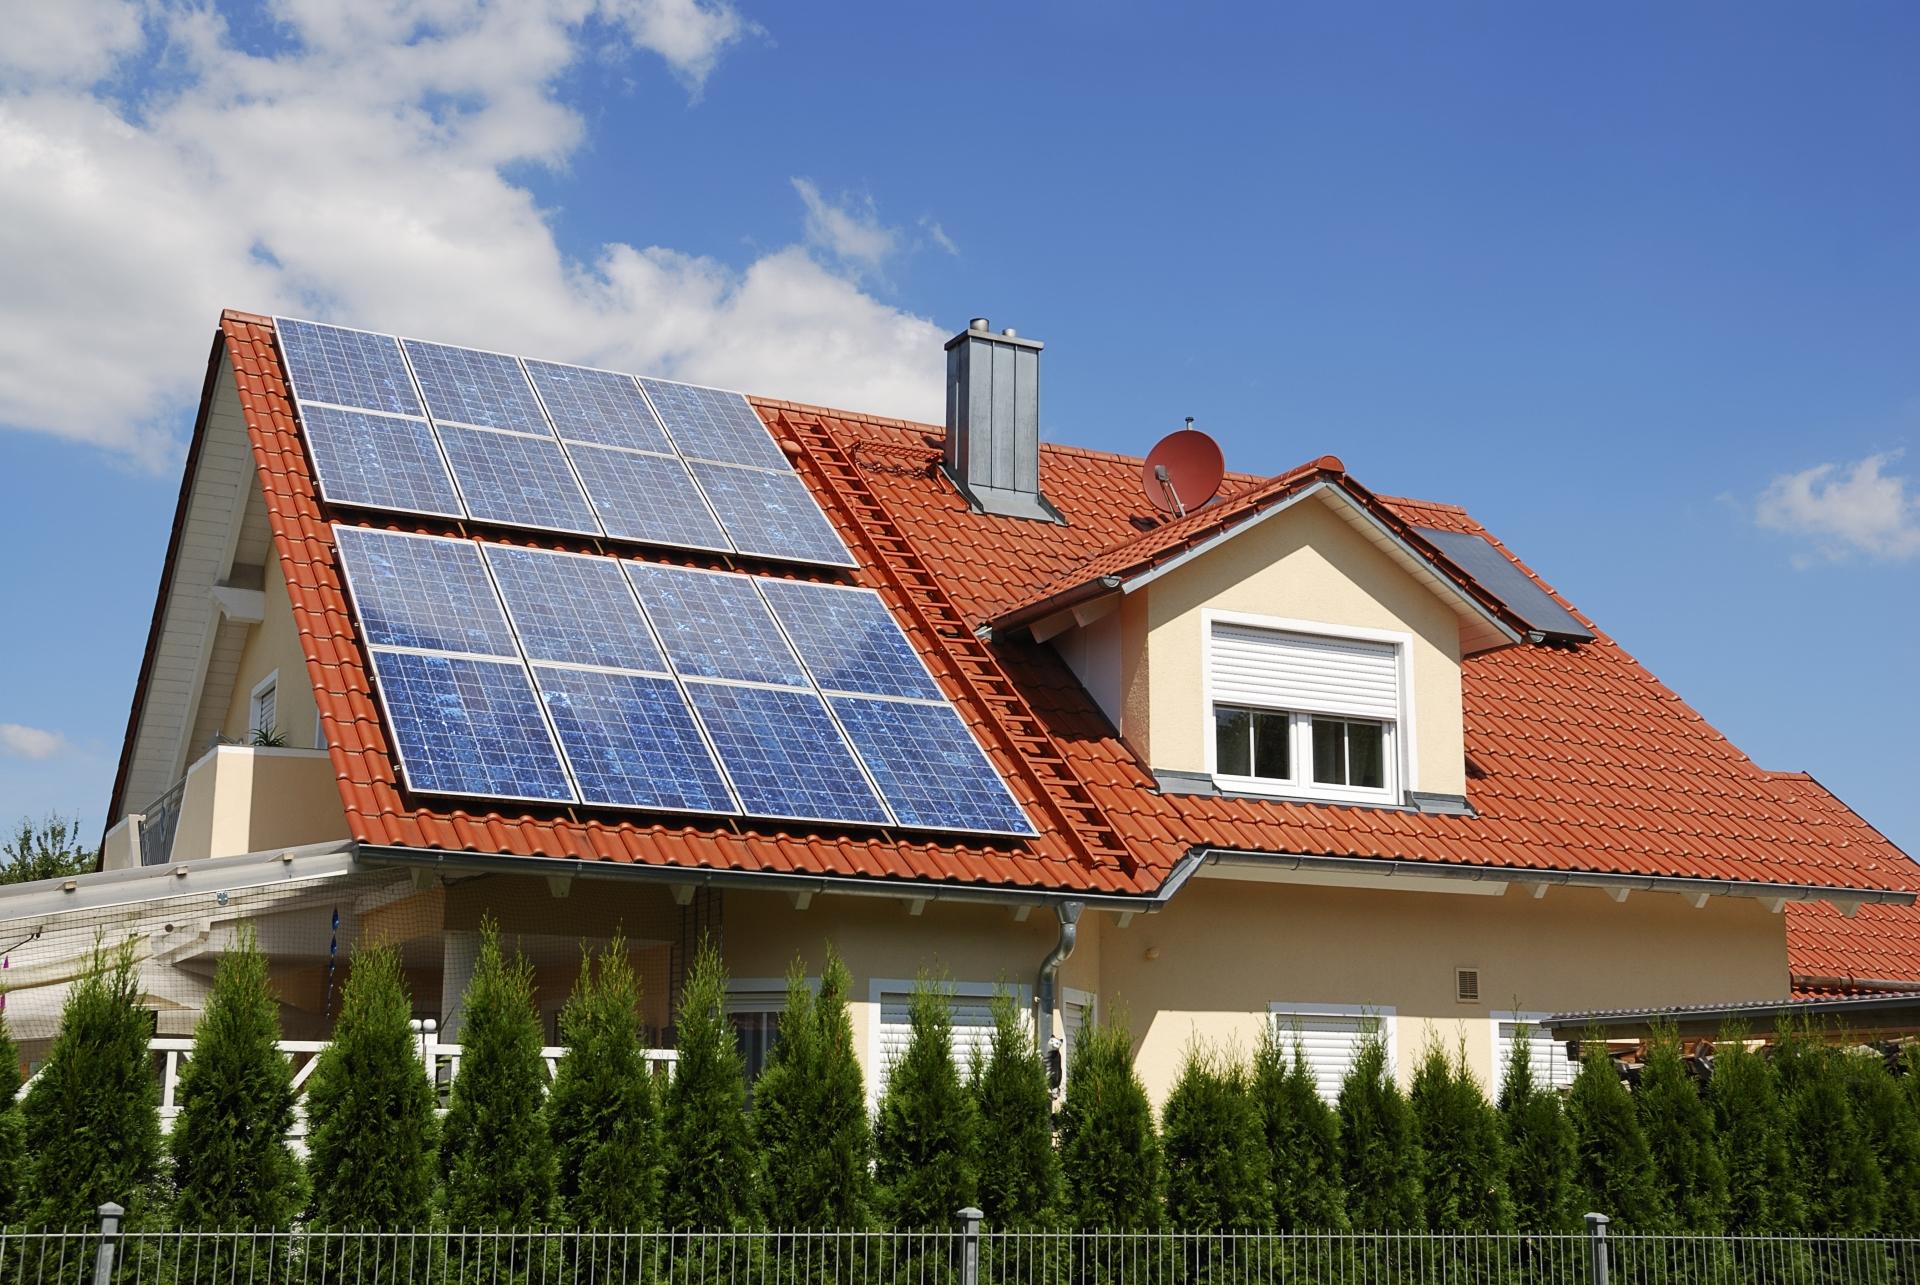 En Californie, les maisons solaires bientôt obligatoires